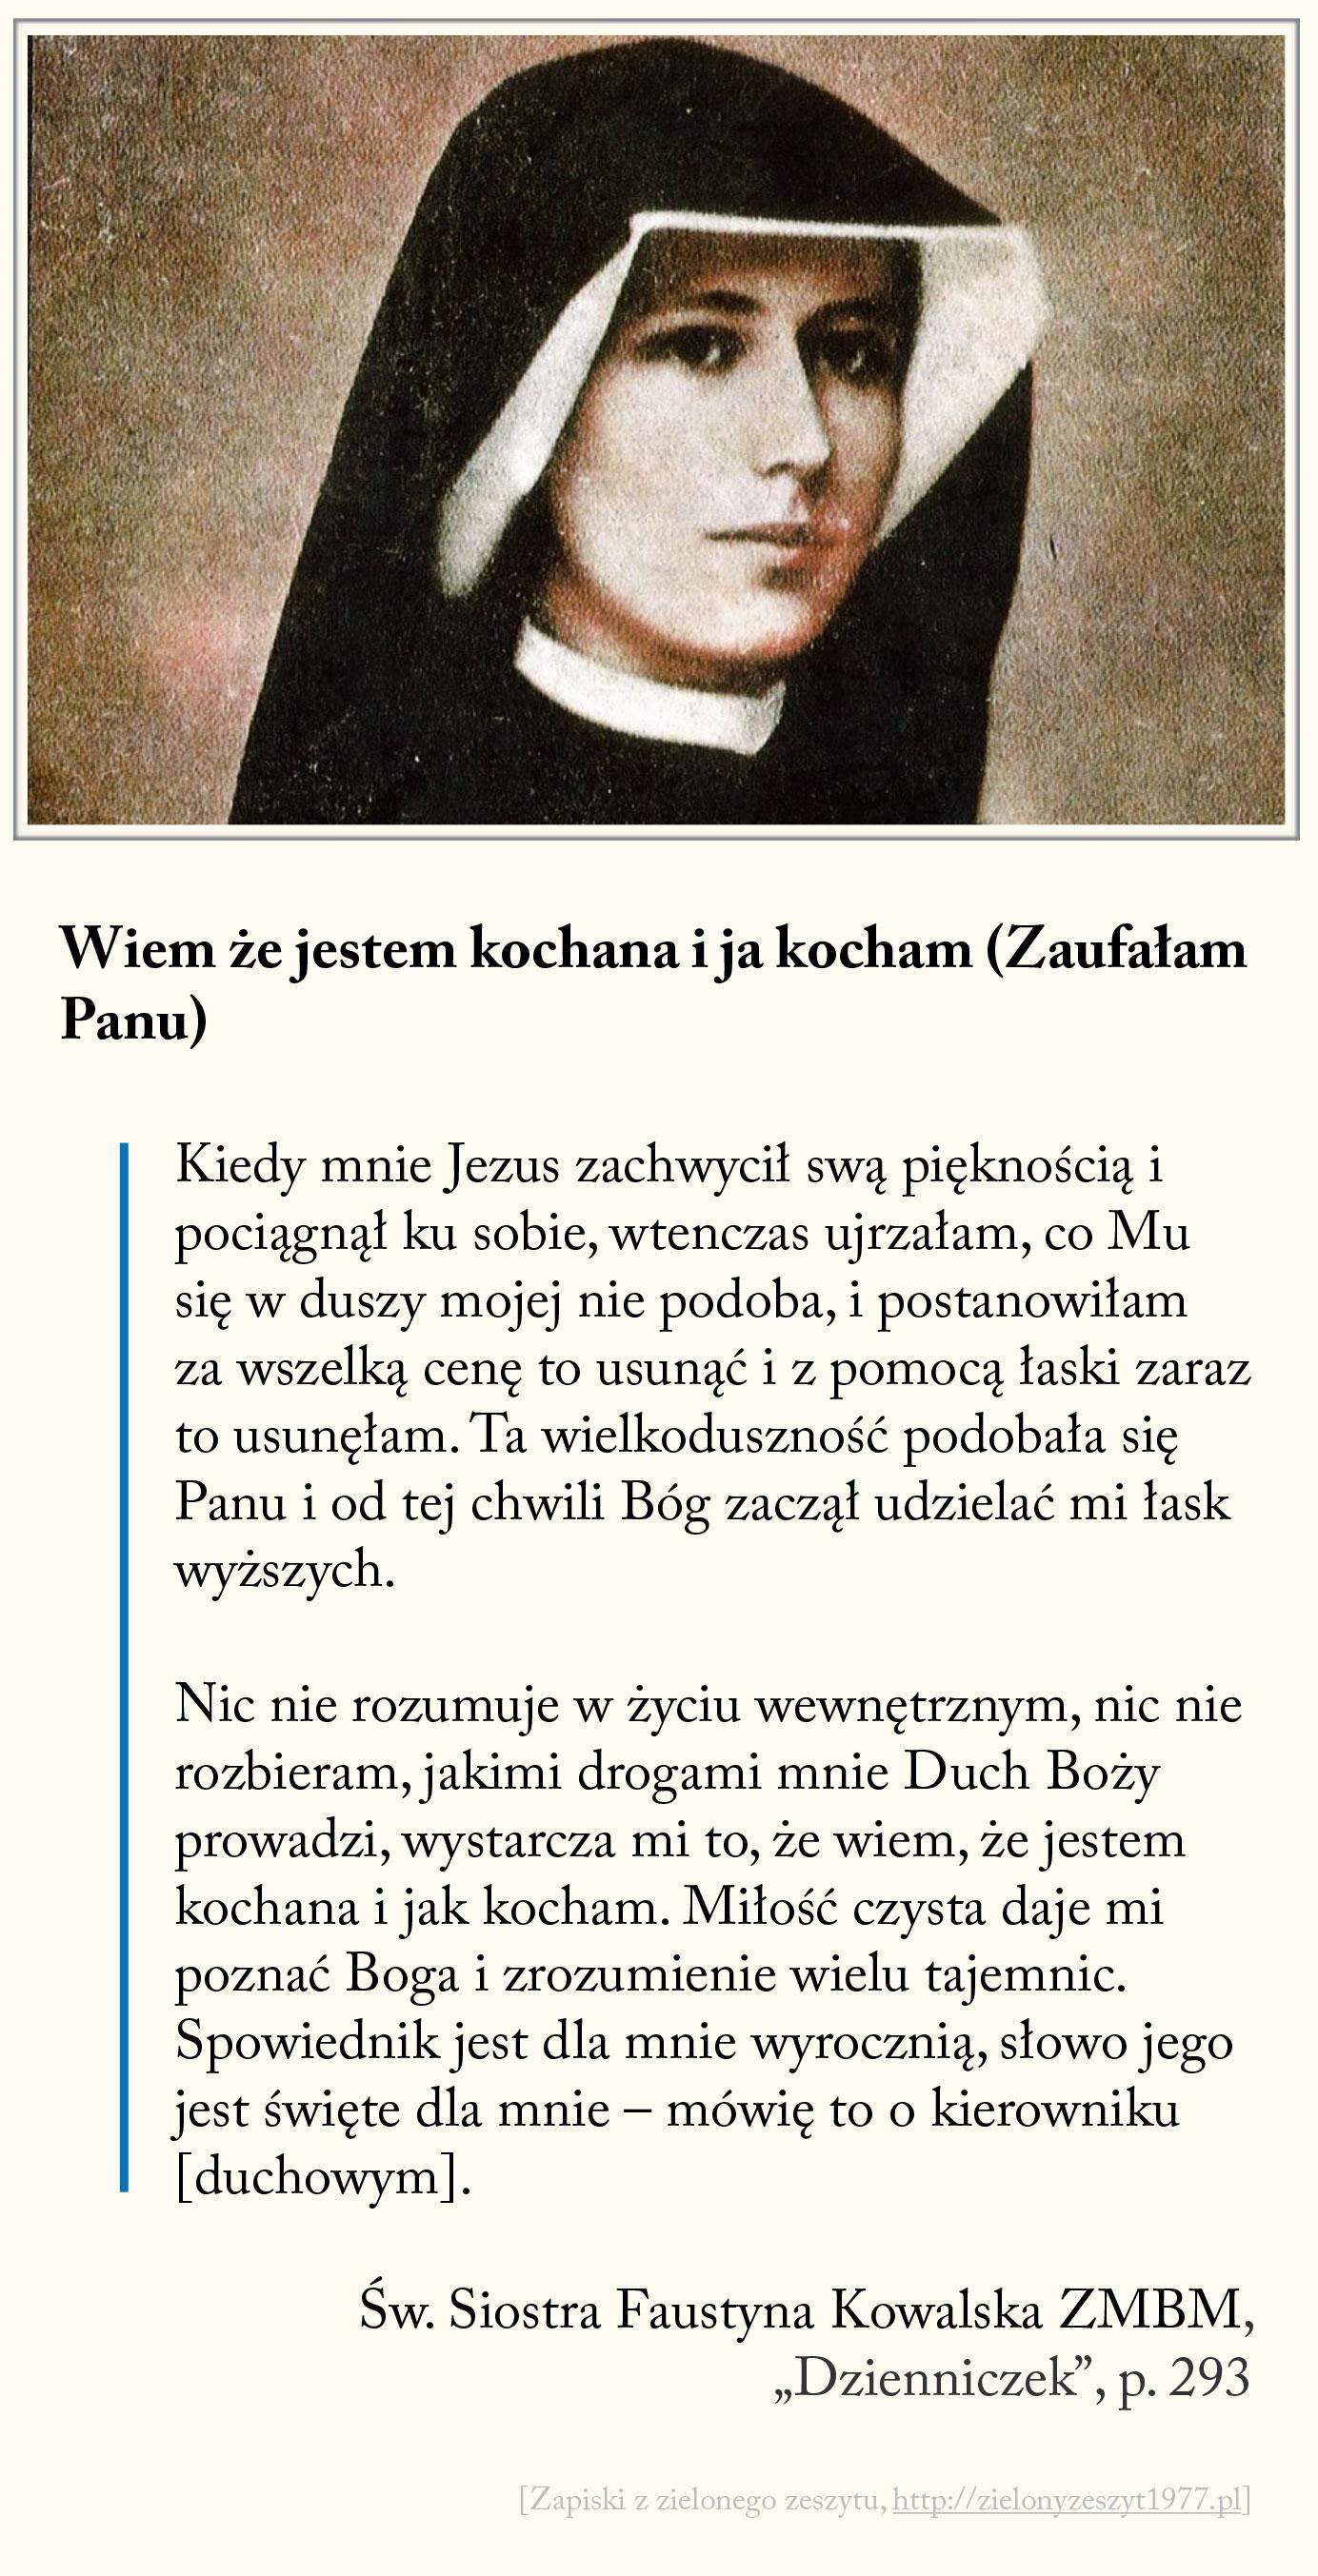 Wiem że jestem kochana i ja kocham (Zaufałam Panu), św. Faustyna Kowalska